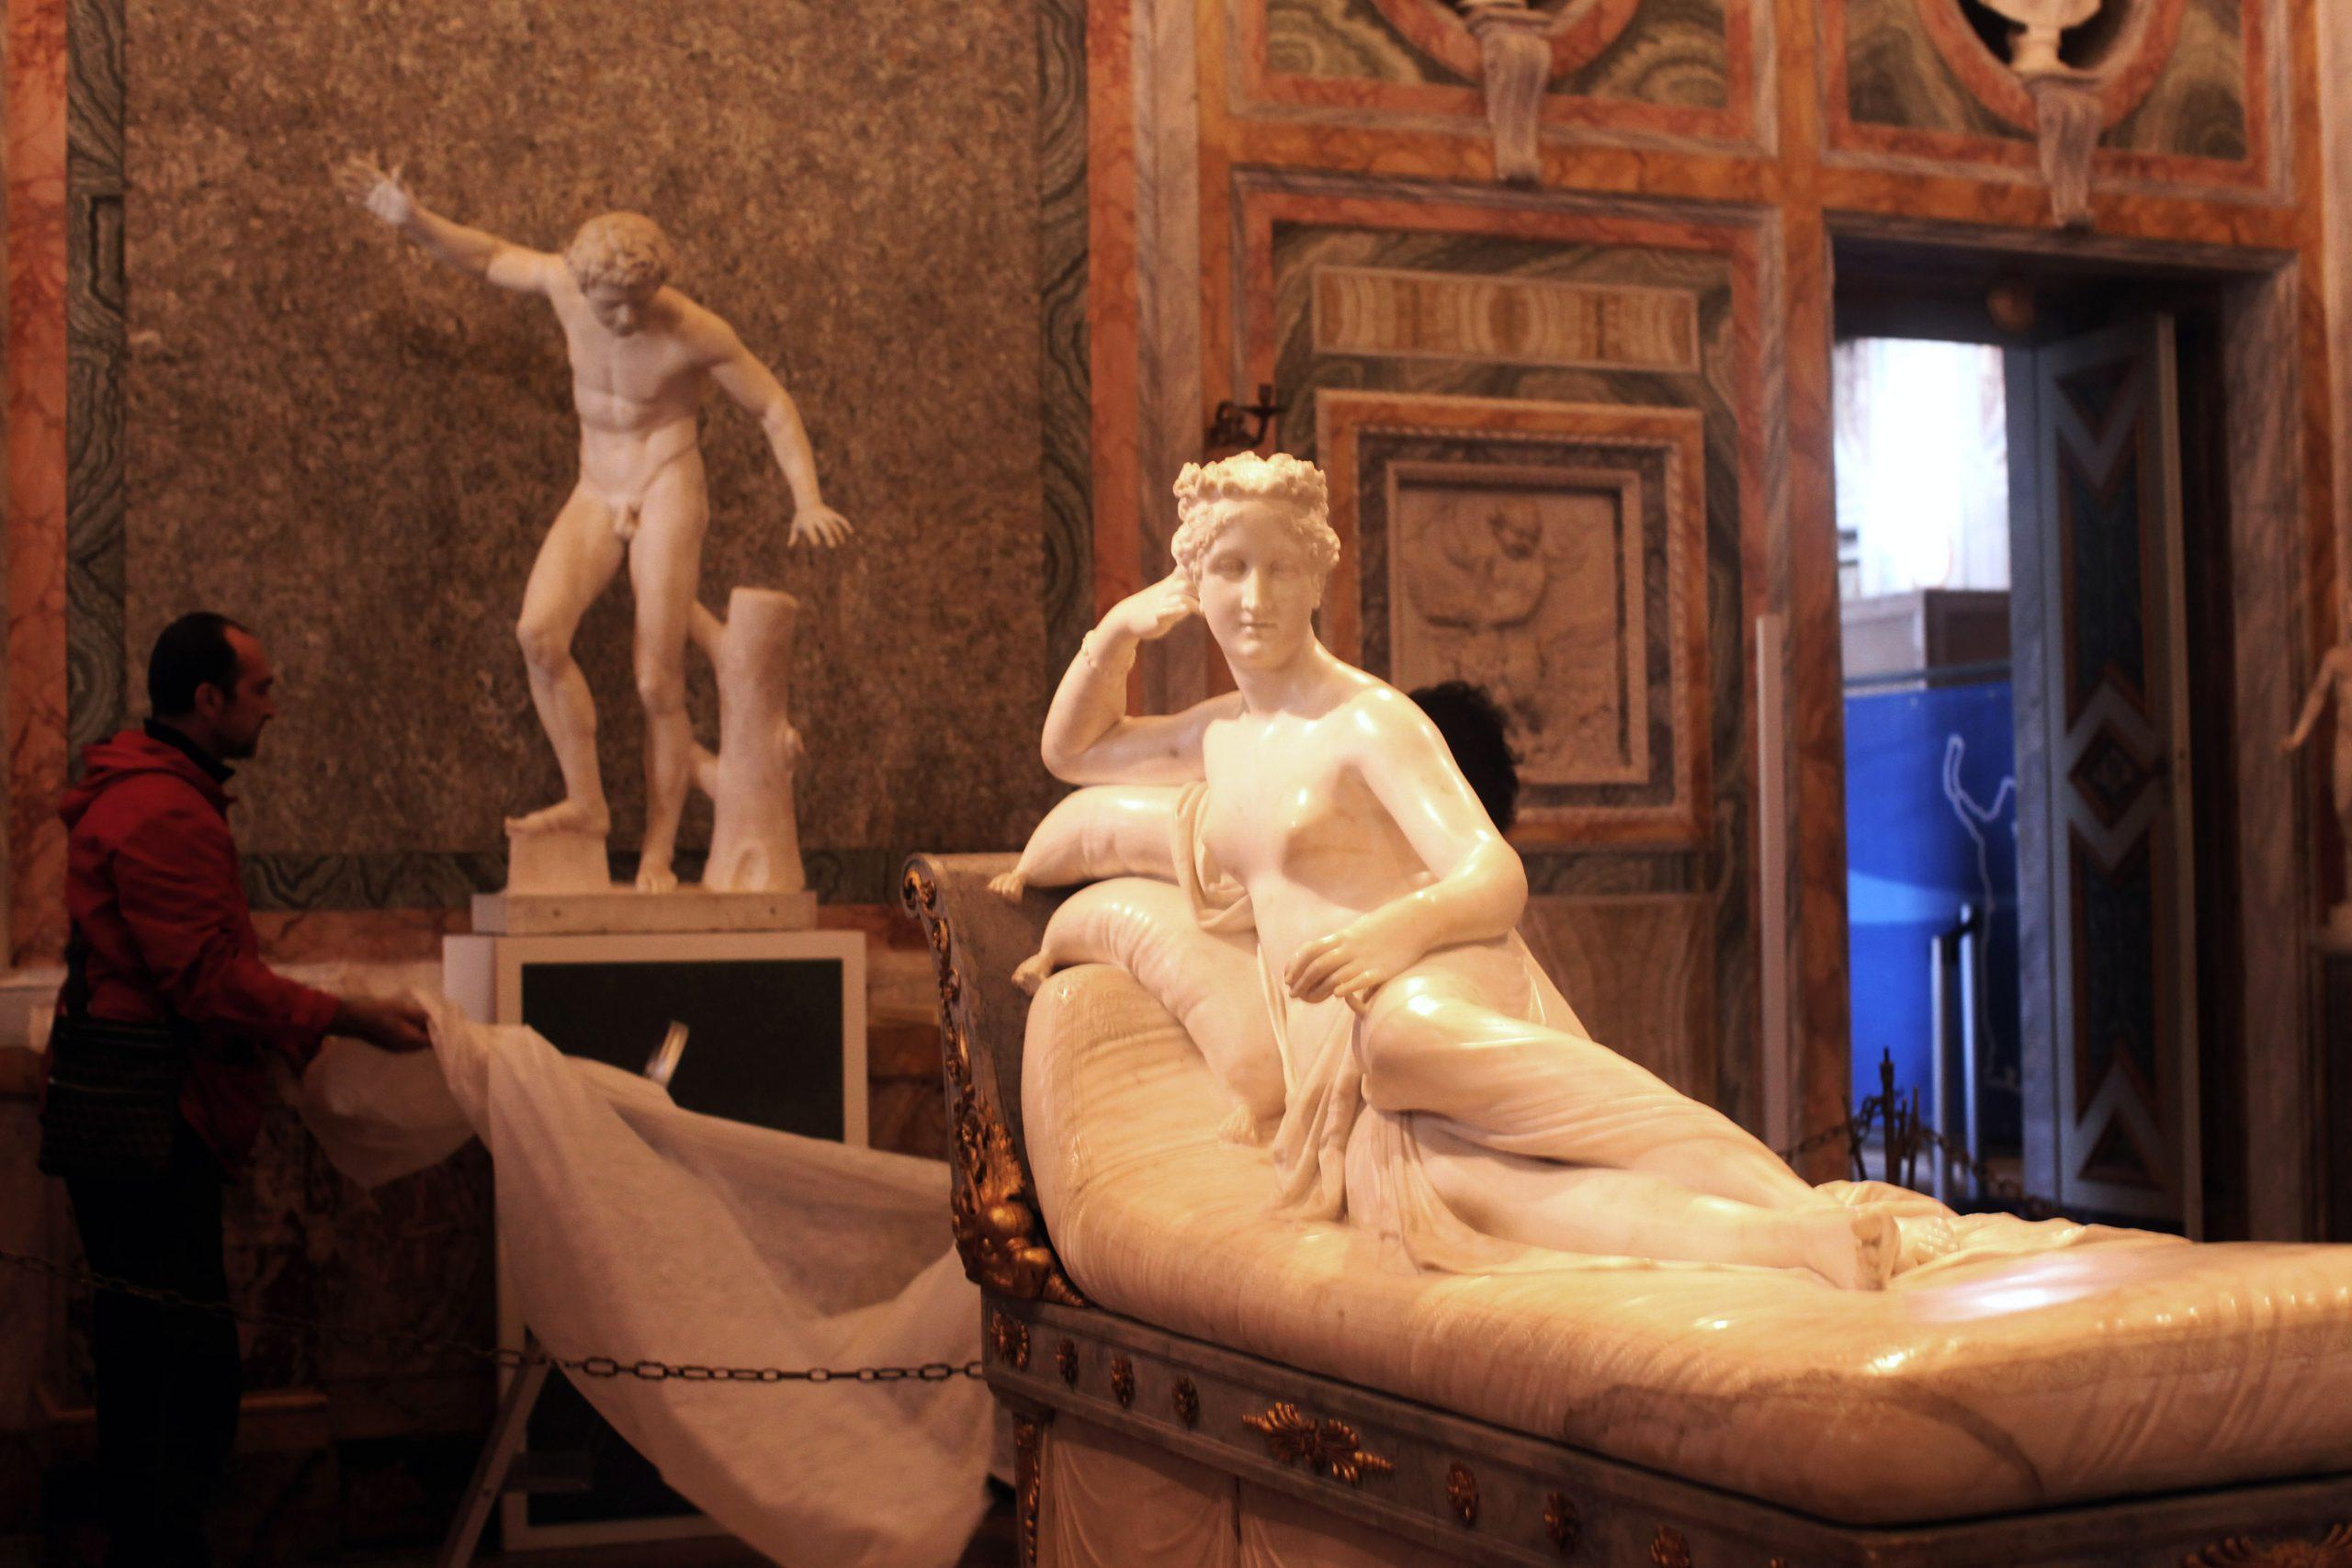 La selfie más cara de la historia: Hombre rompe una escultura por tomarse una foto en un museo de Italia